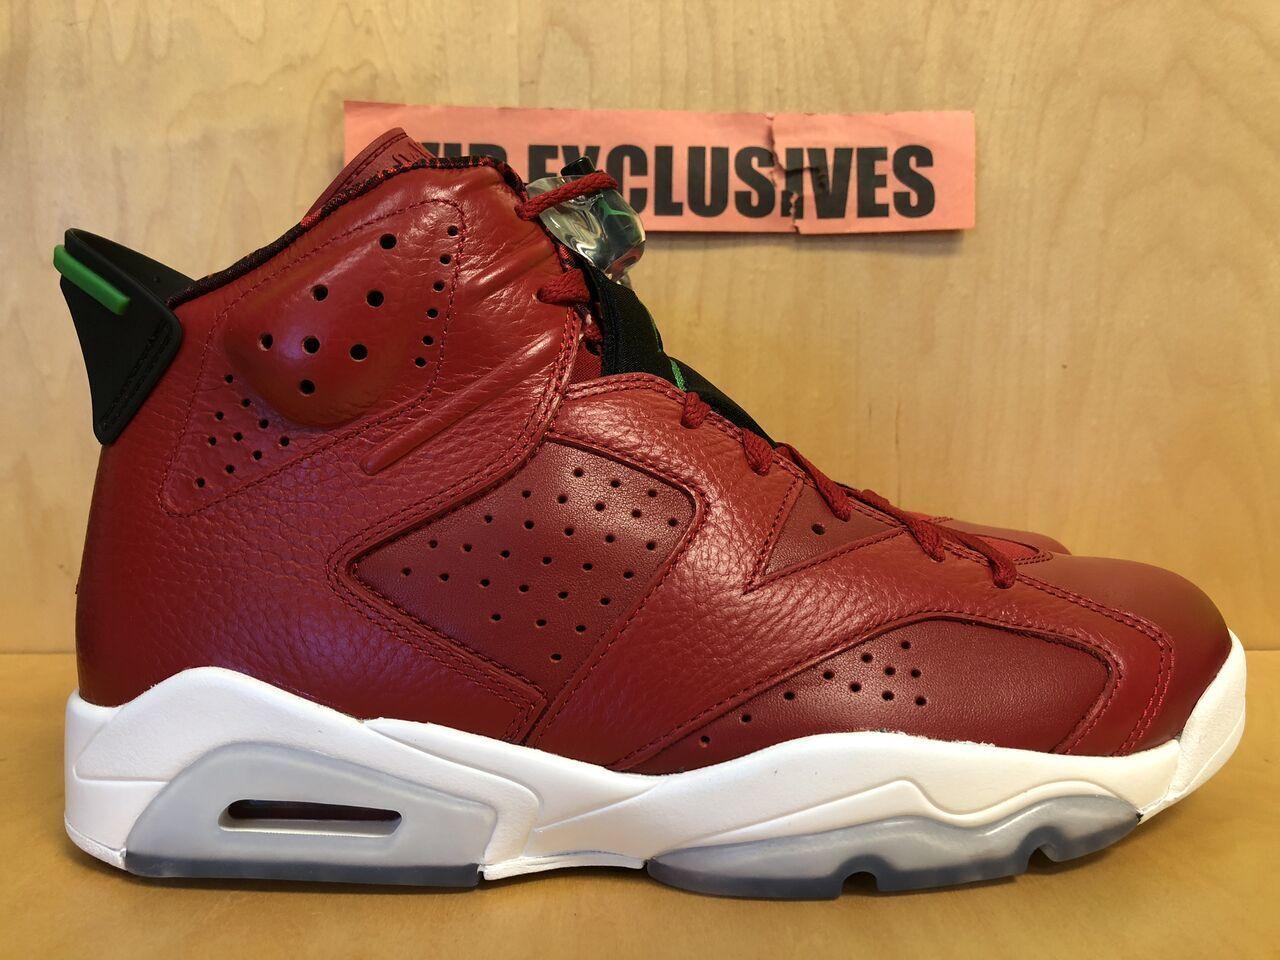 3d5843b8c5987 Nike Air Jordan VI Retro 6 Spizike History Of Jordan Jordan Jordan  694091-625 Size